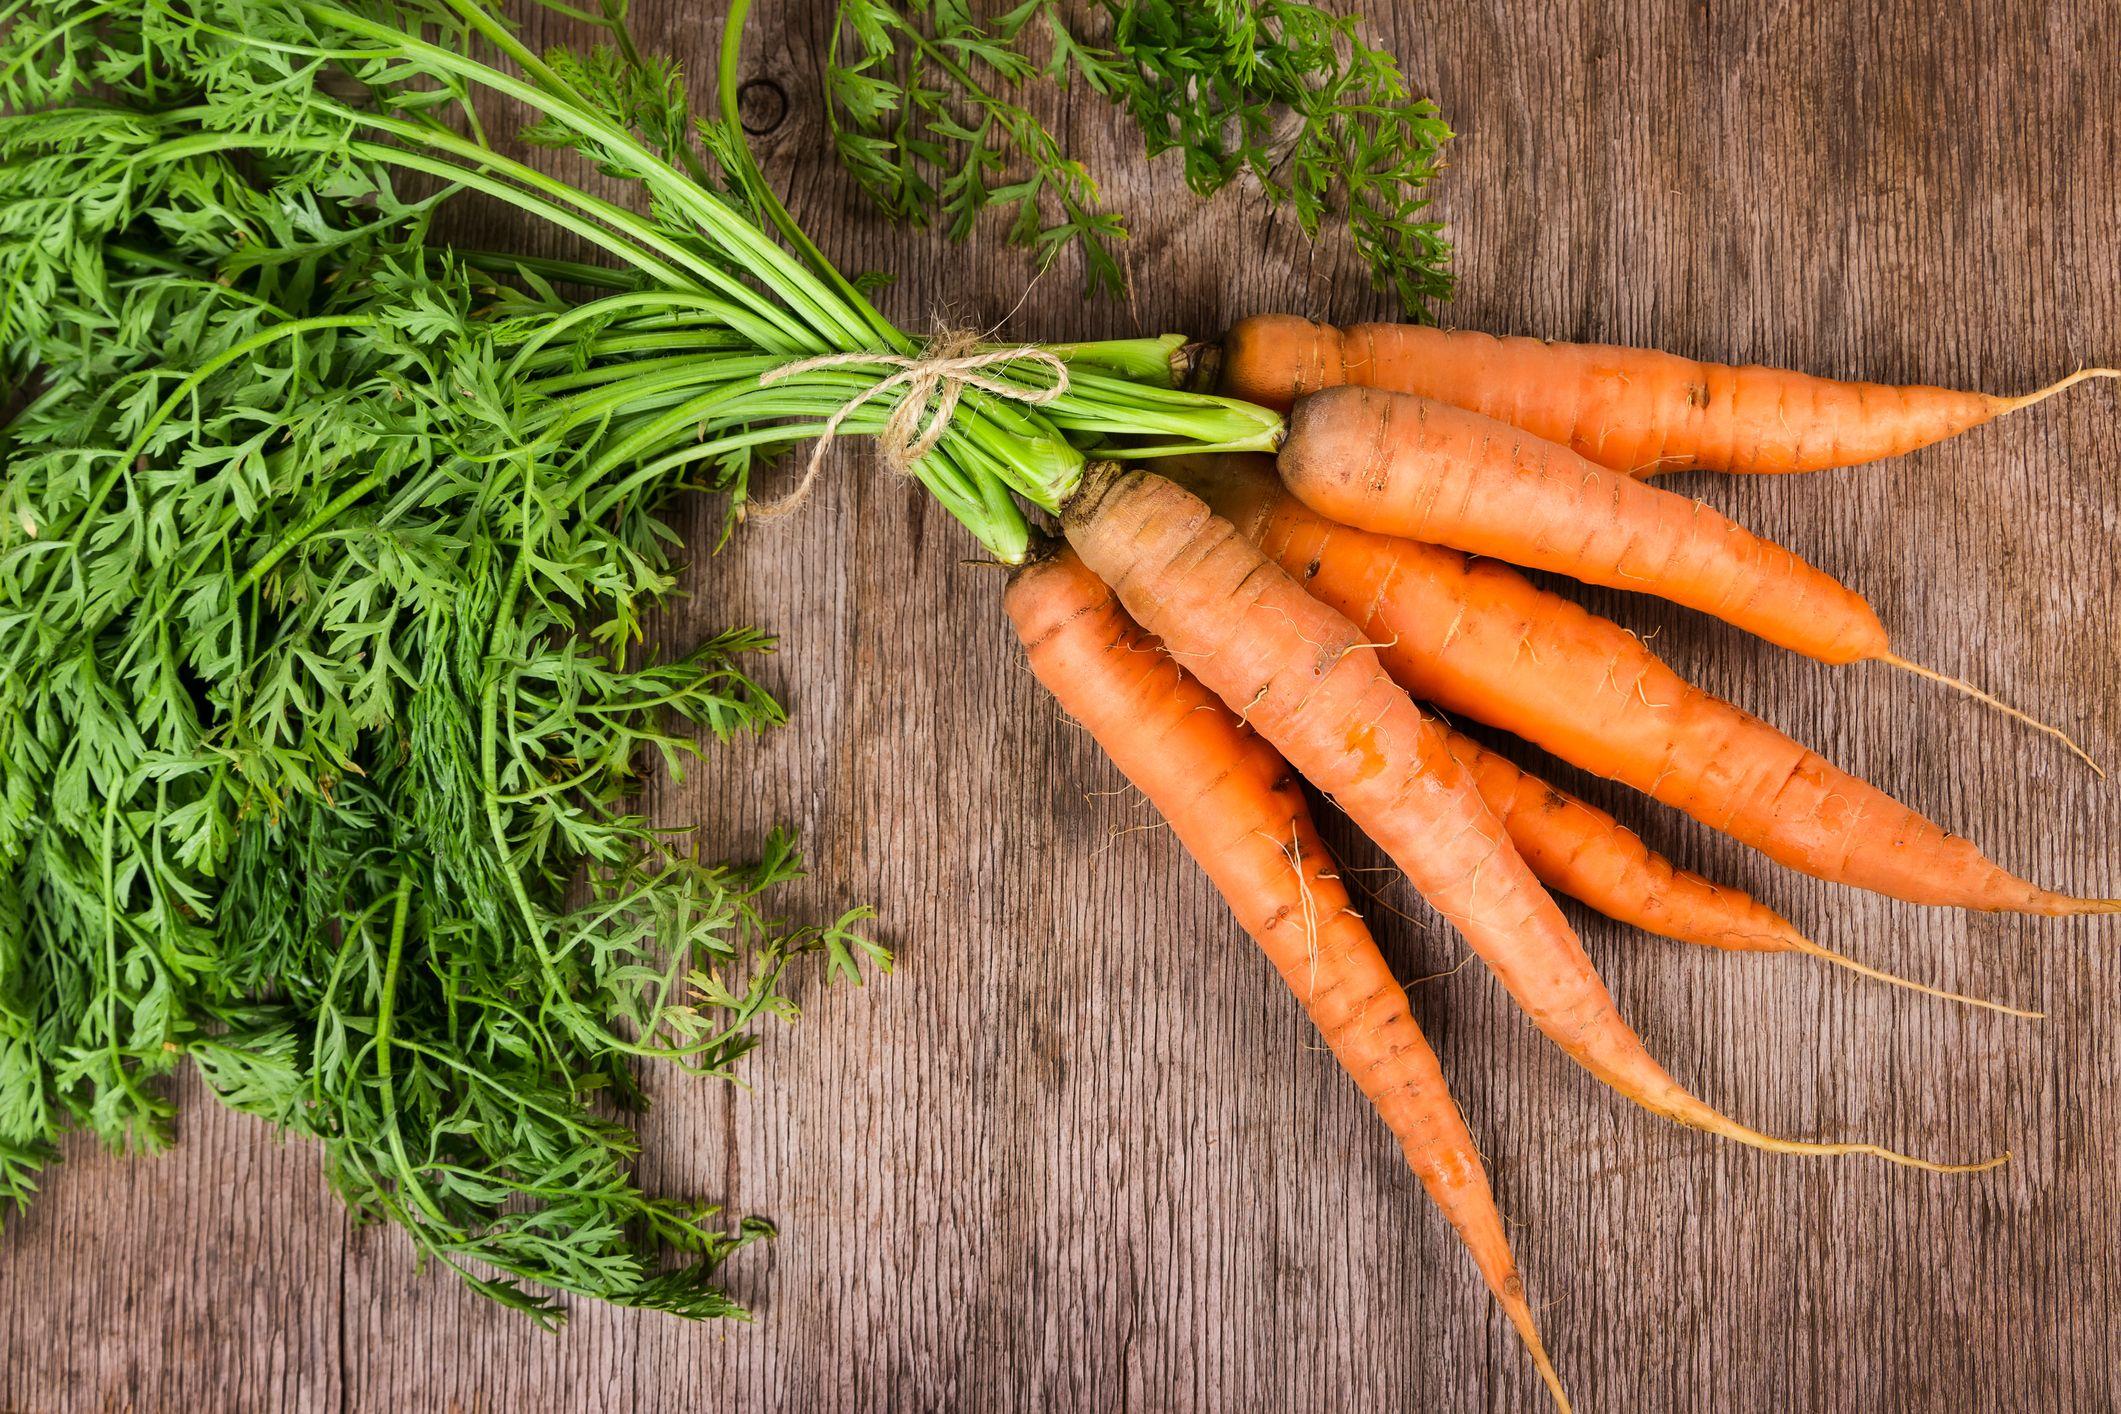 Las zanahorias son ricas en betacarotenos que contribuyen a la salud ocular y de la piel.